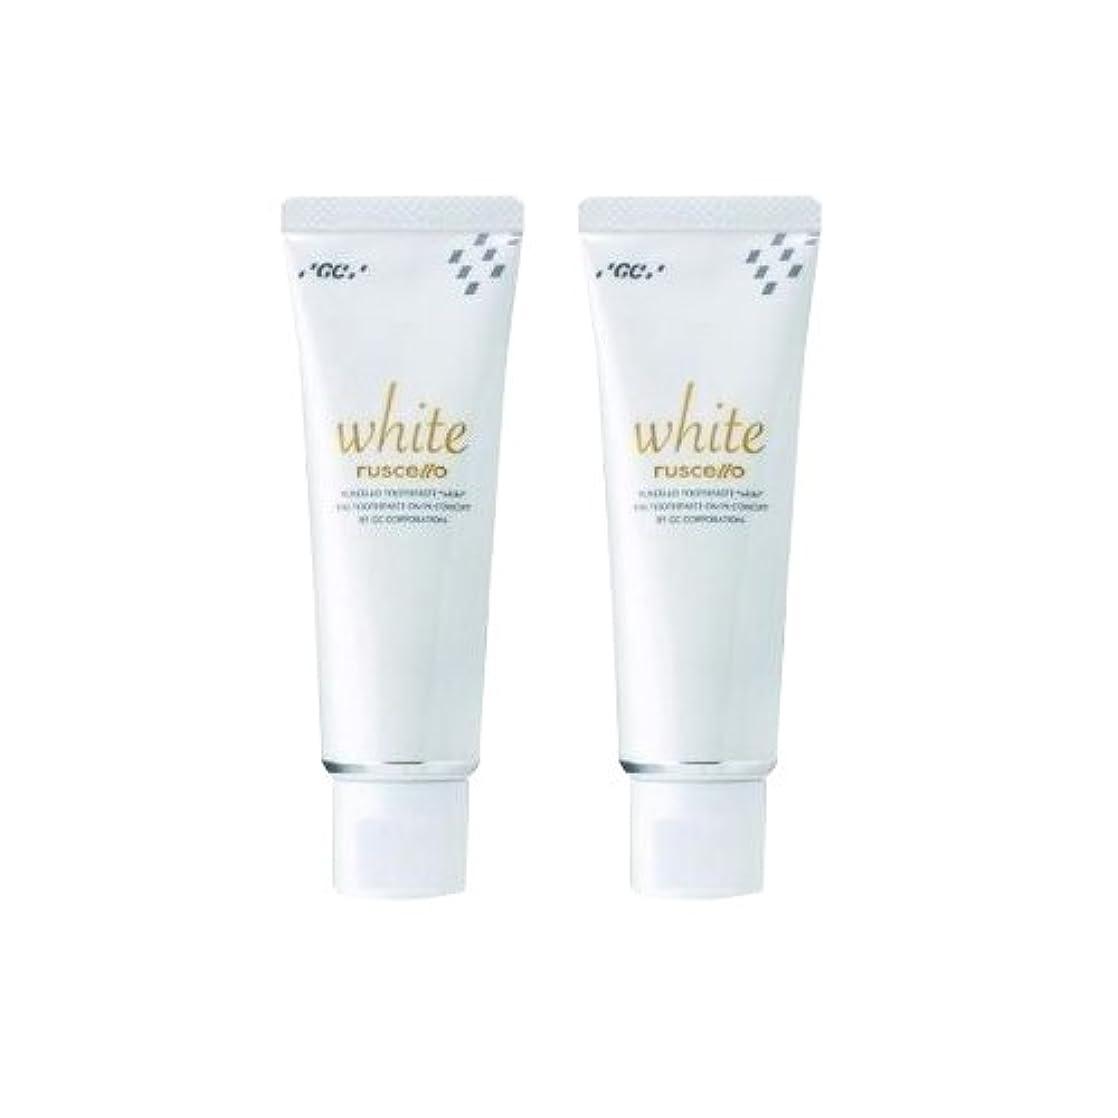 合併症備品望みGC ルシェロ歯磨きペースト ホワイト 100g (2個)